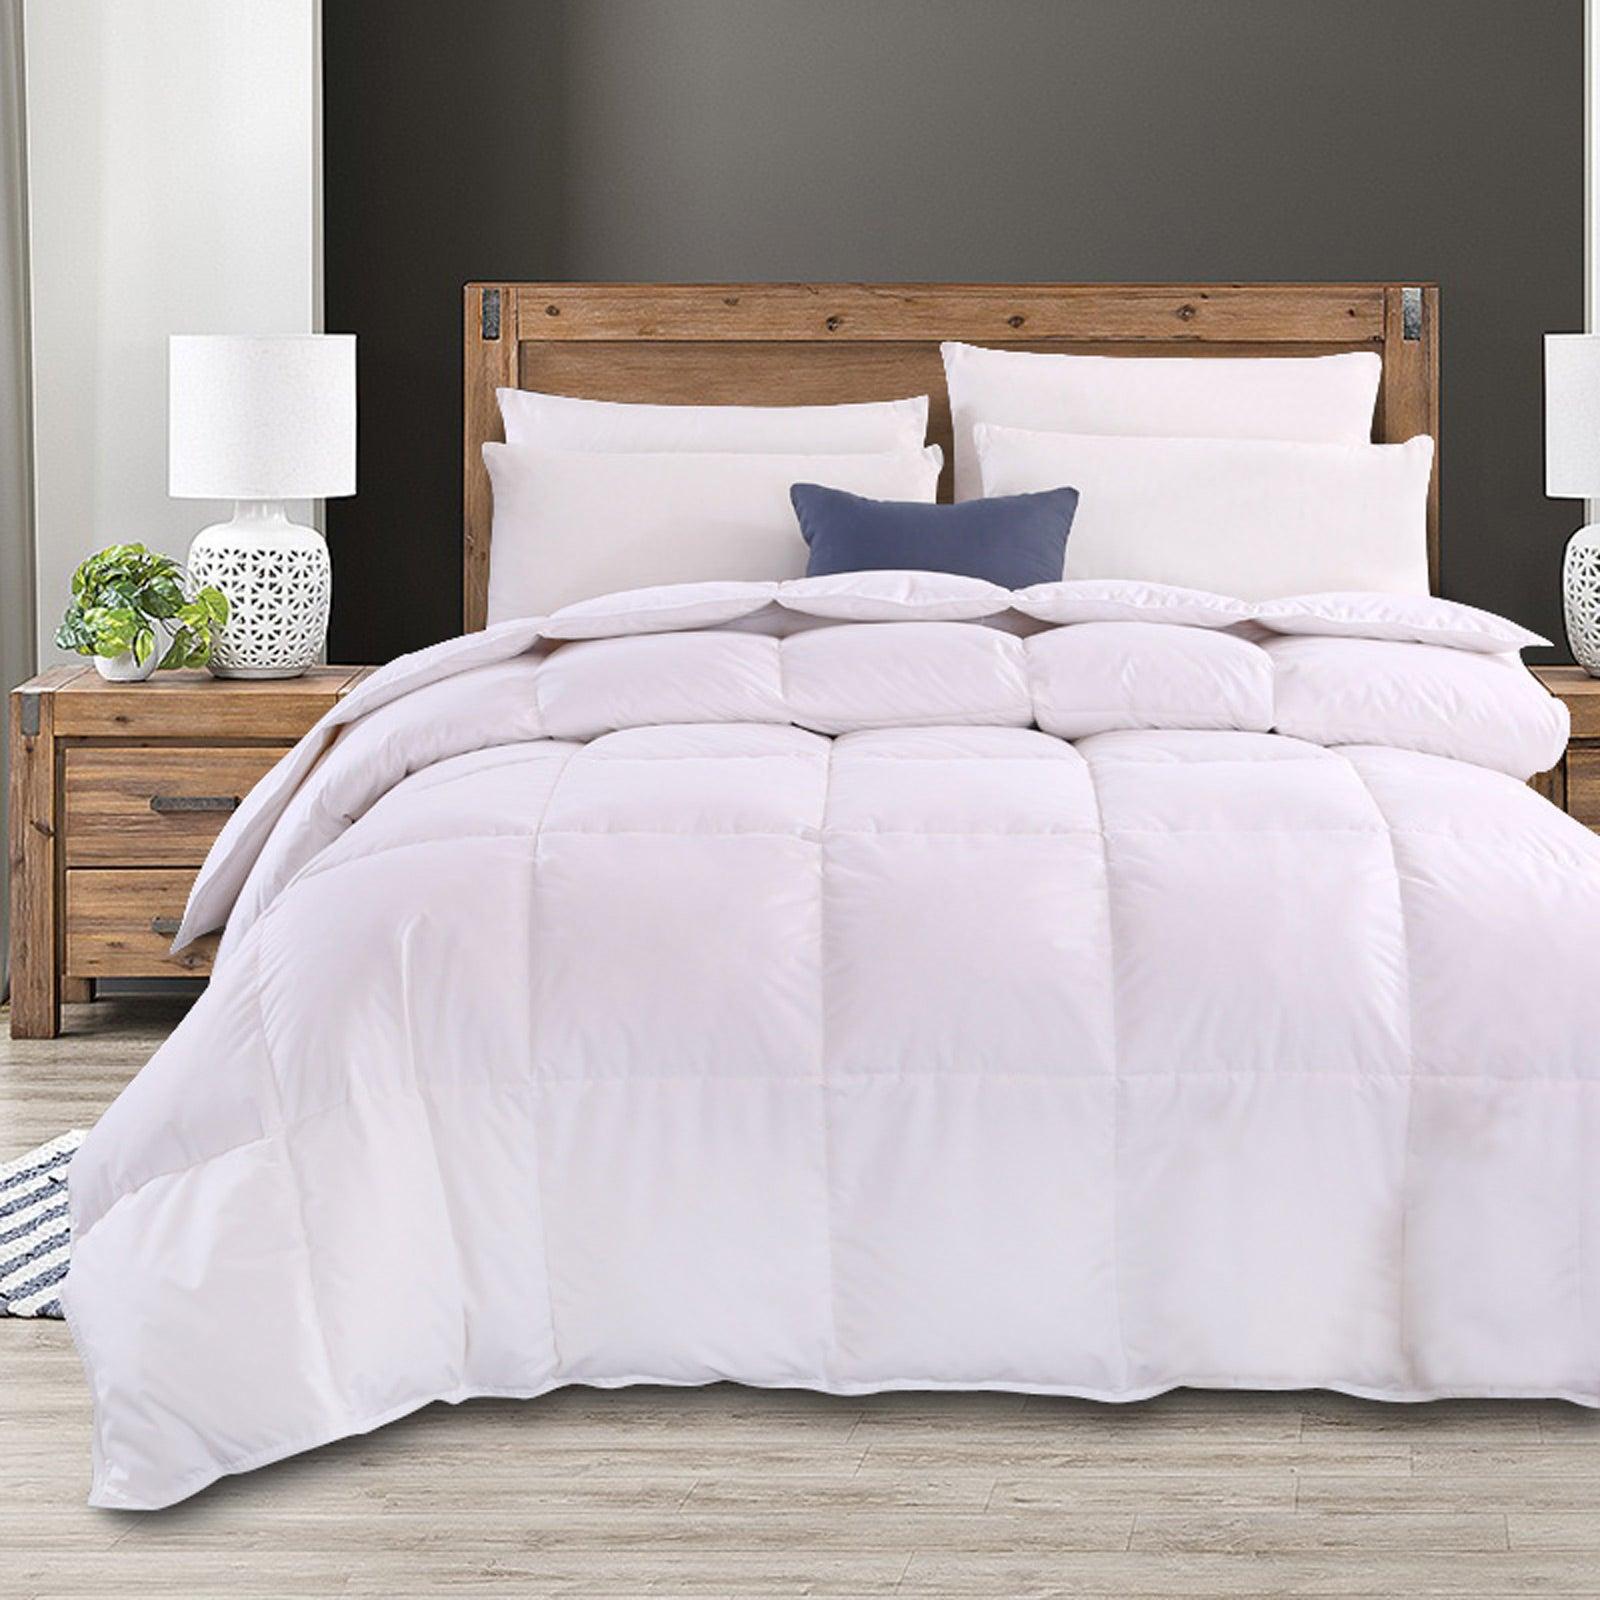 Bedspread Sets Shopping Online Buy Bedspread Sets Bed